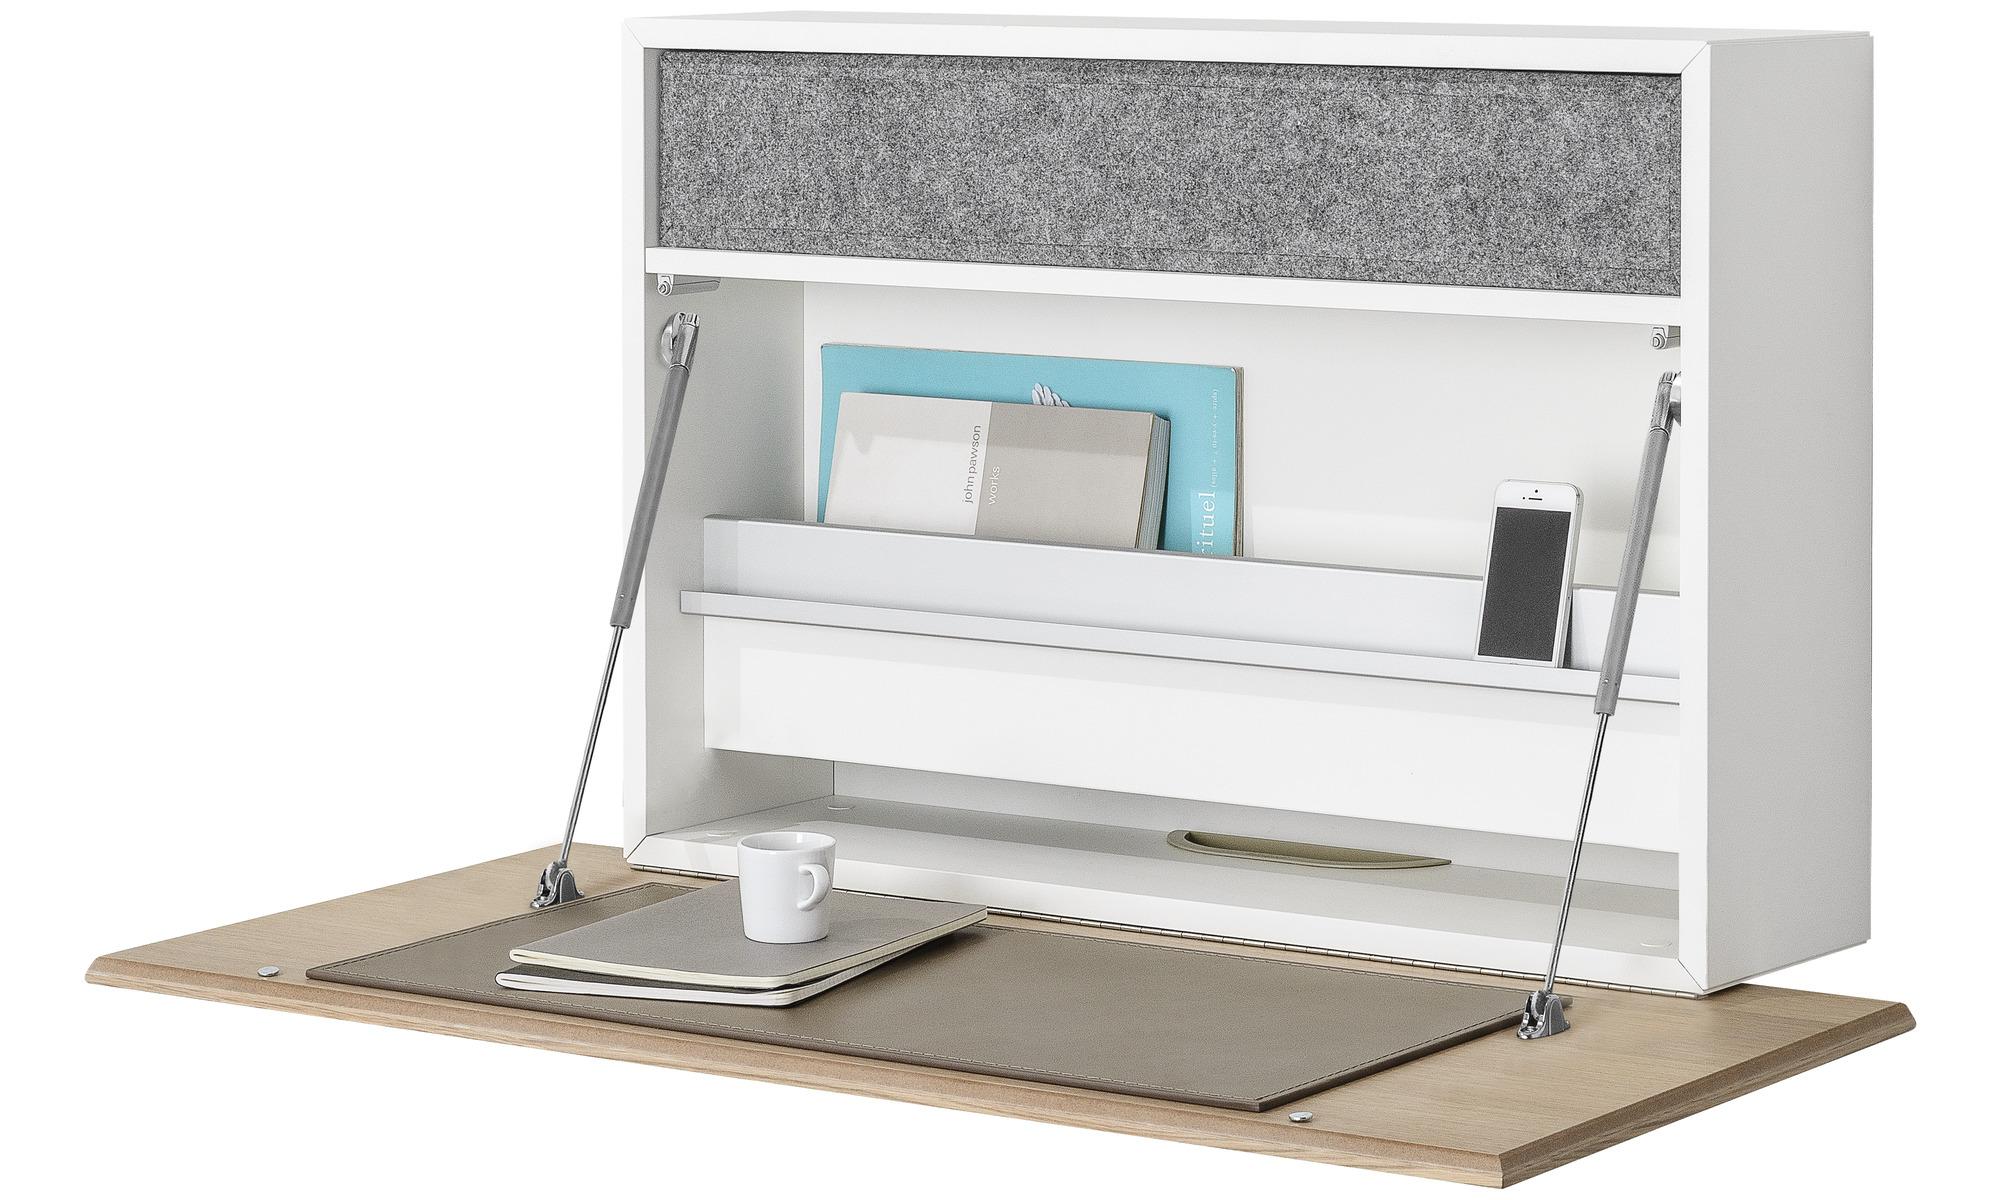 Cupertino wall desk